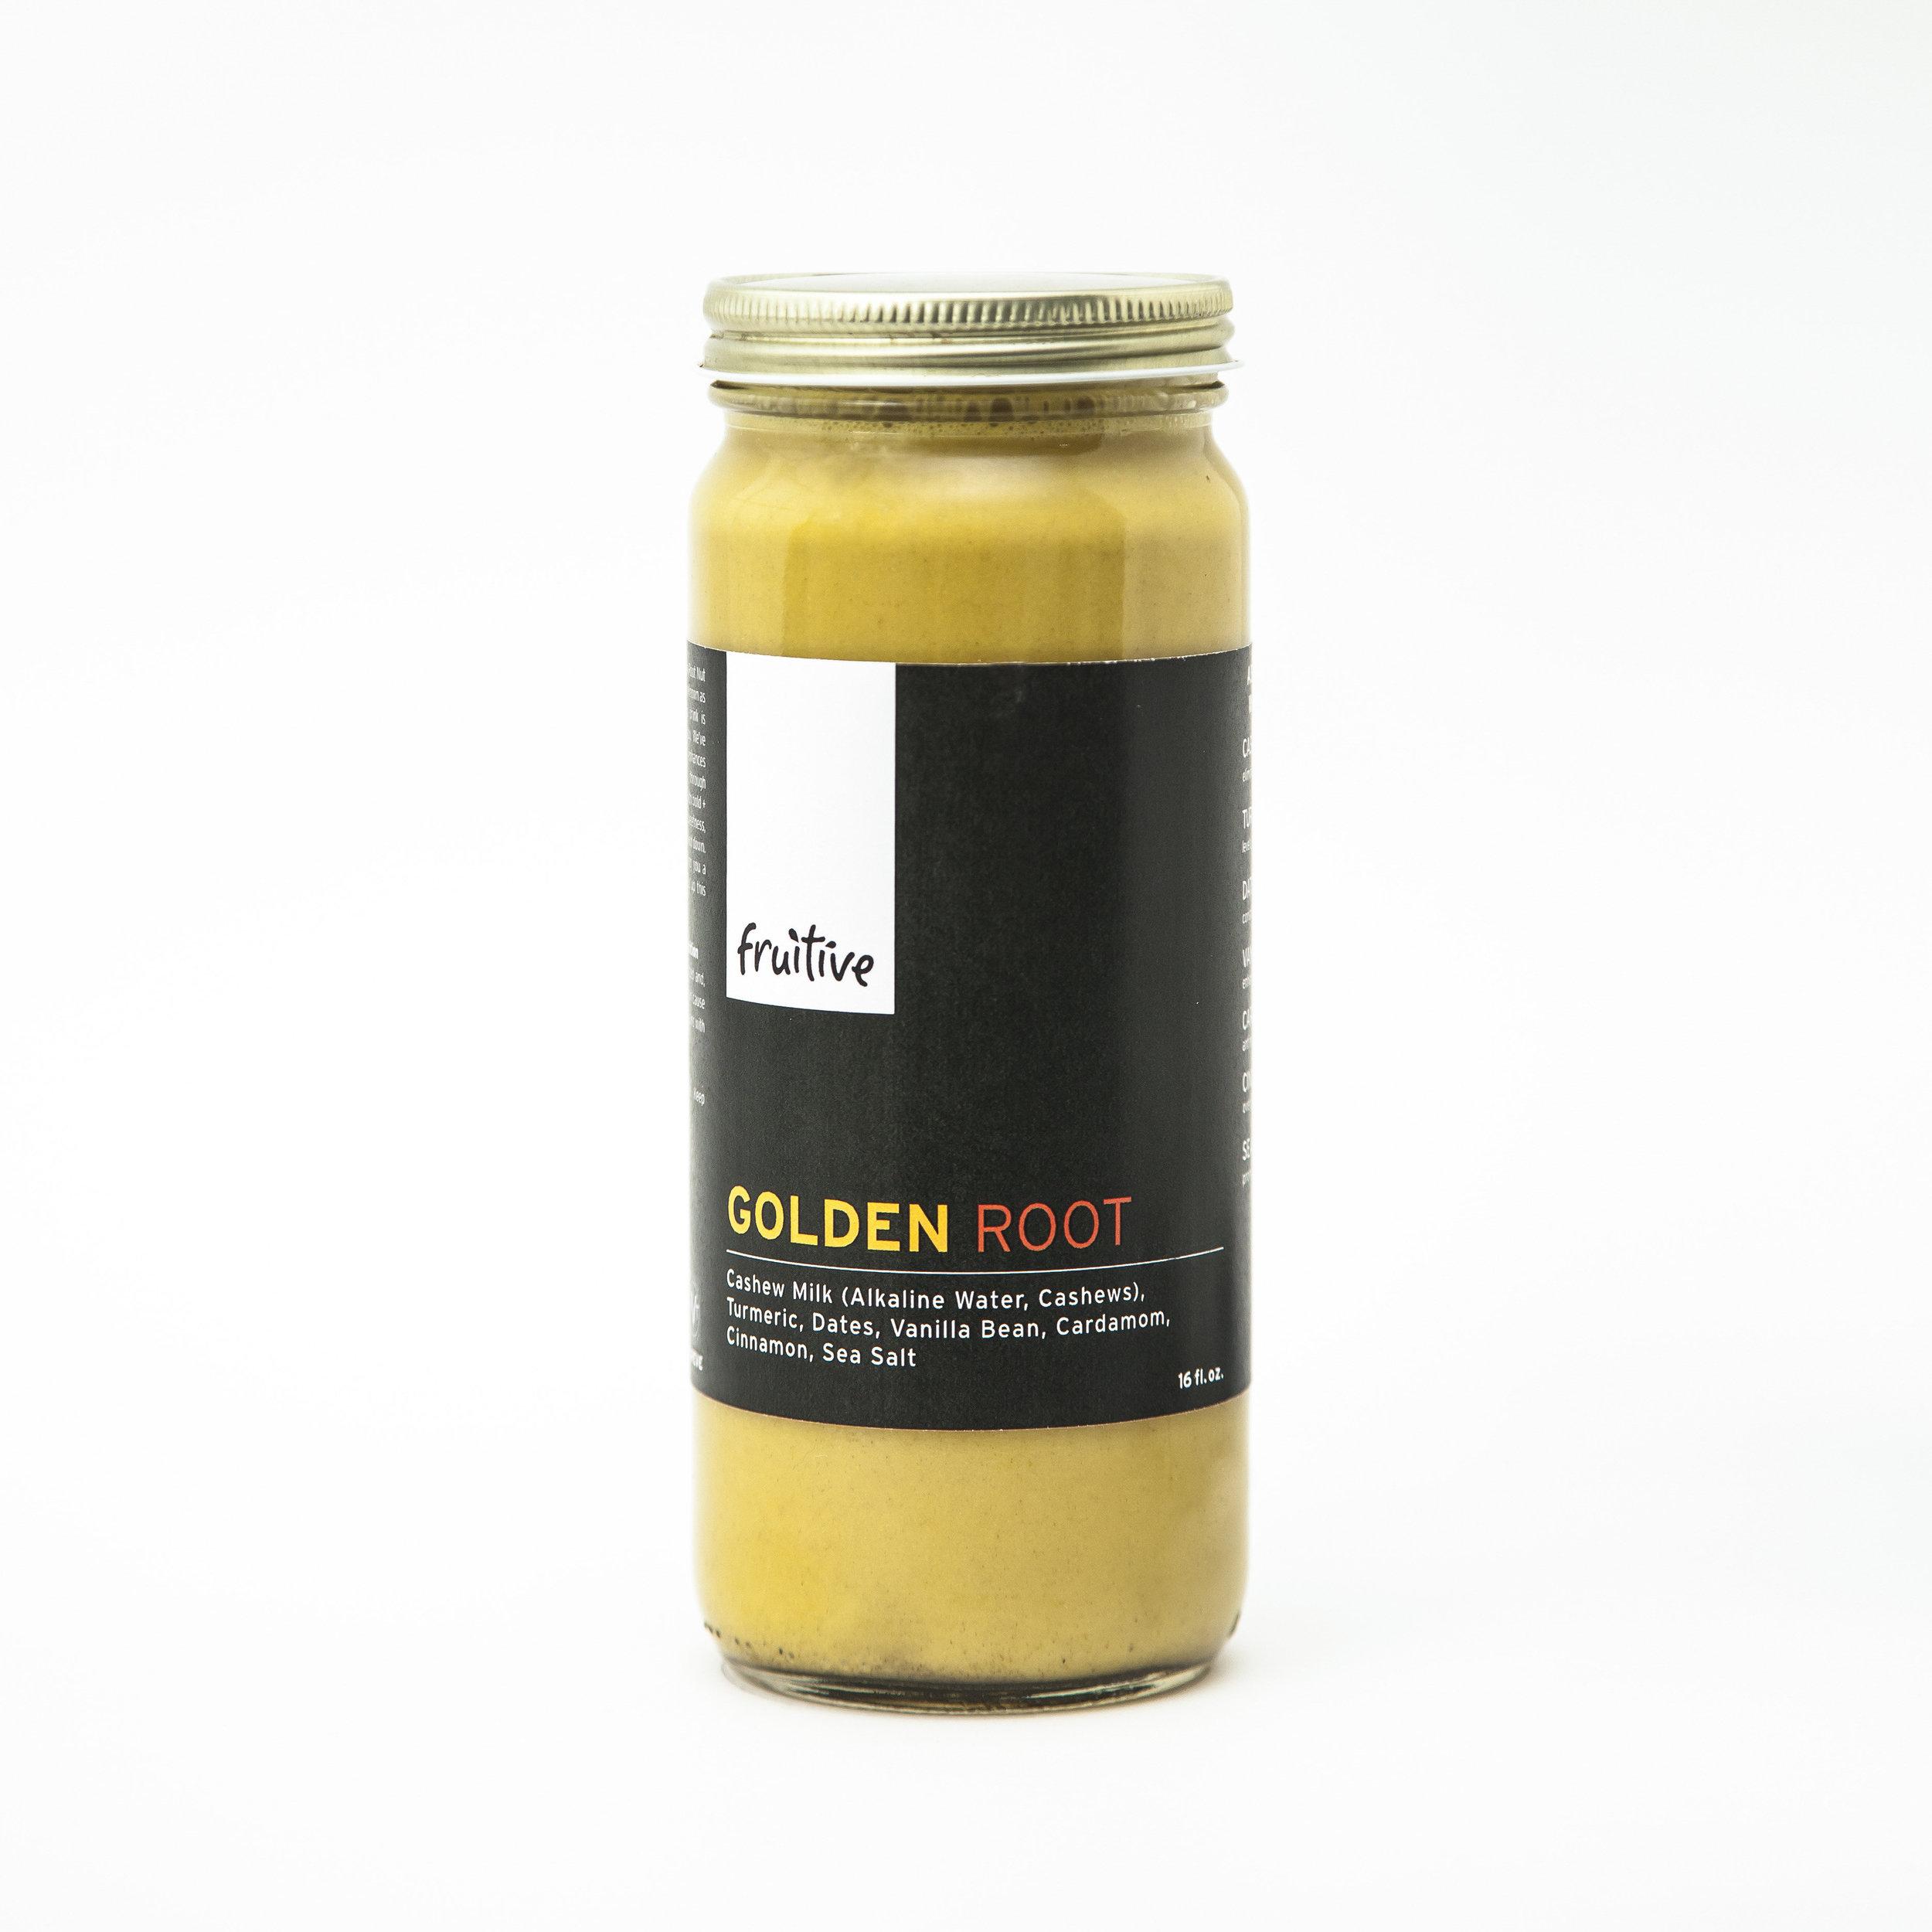 Golden Root Nut Milk